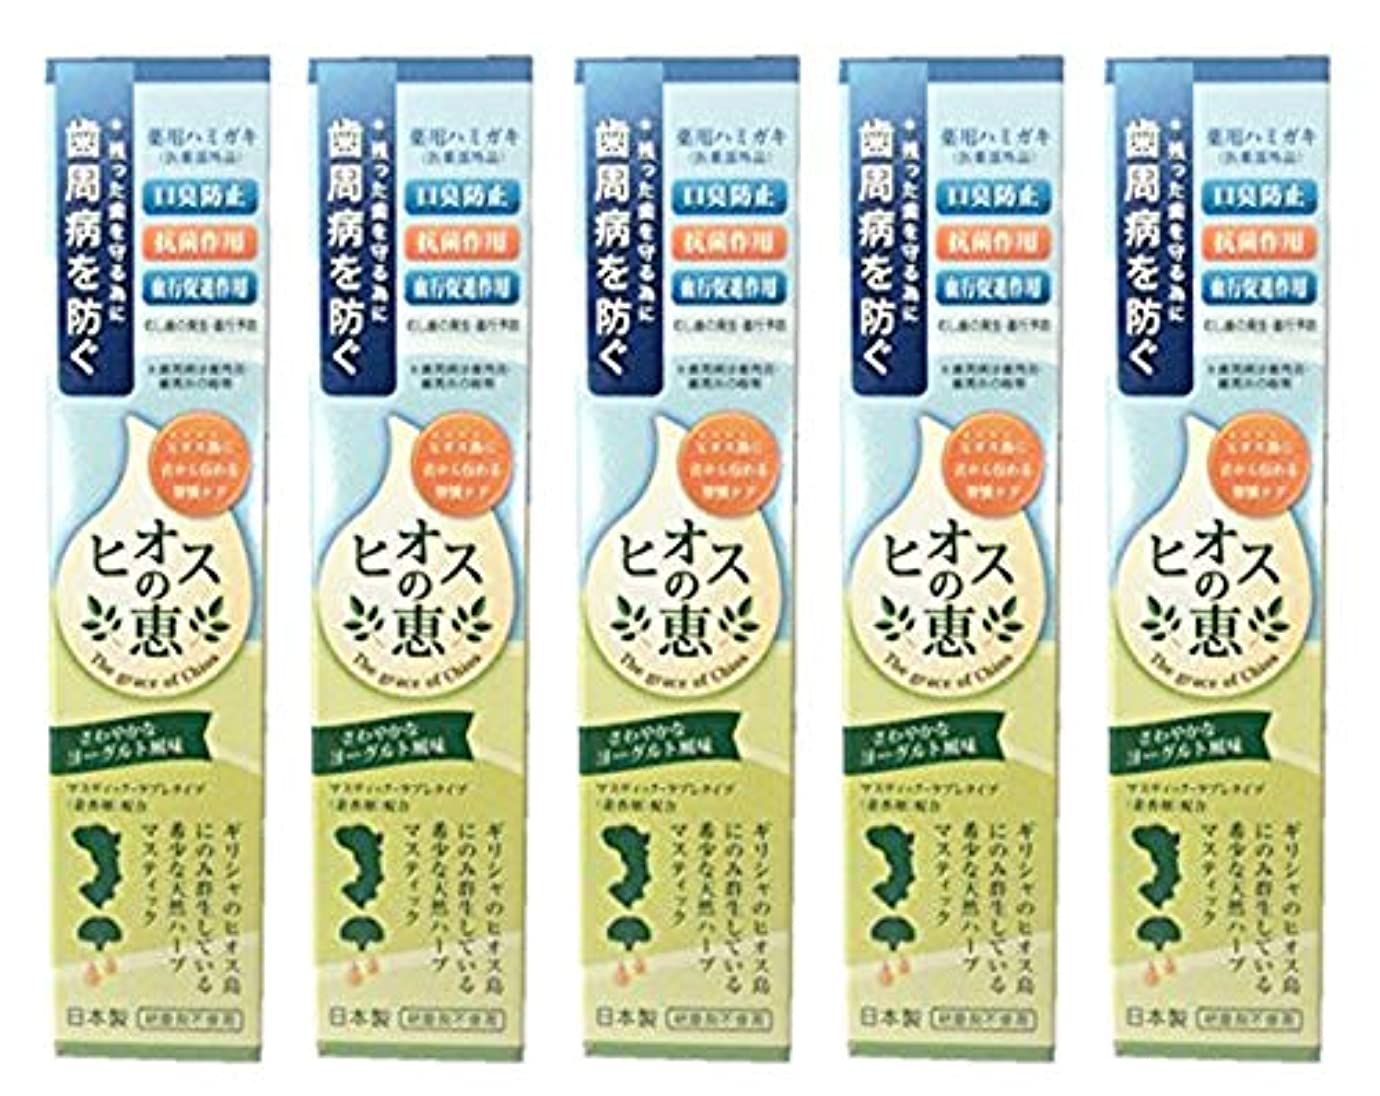 ディレイ手つかずの勤勉なヒオスの恵 60g 【まとめ買い1個60g×5個】薬用ハミガキ 日本製